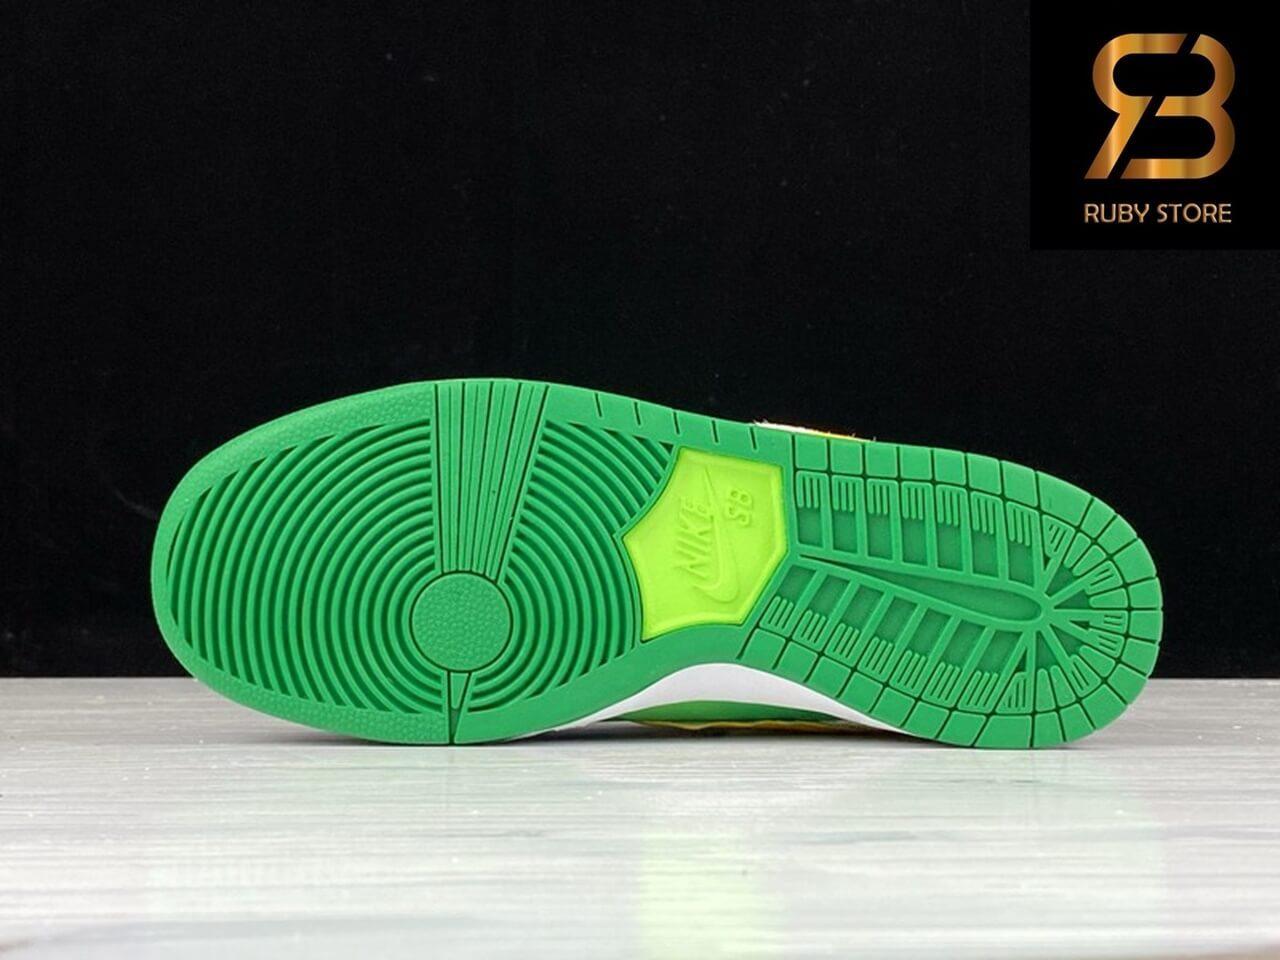 giày nike sb dunk low ben & jerry's chunky dunky siêu cấp